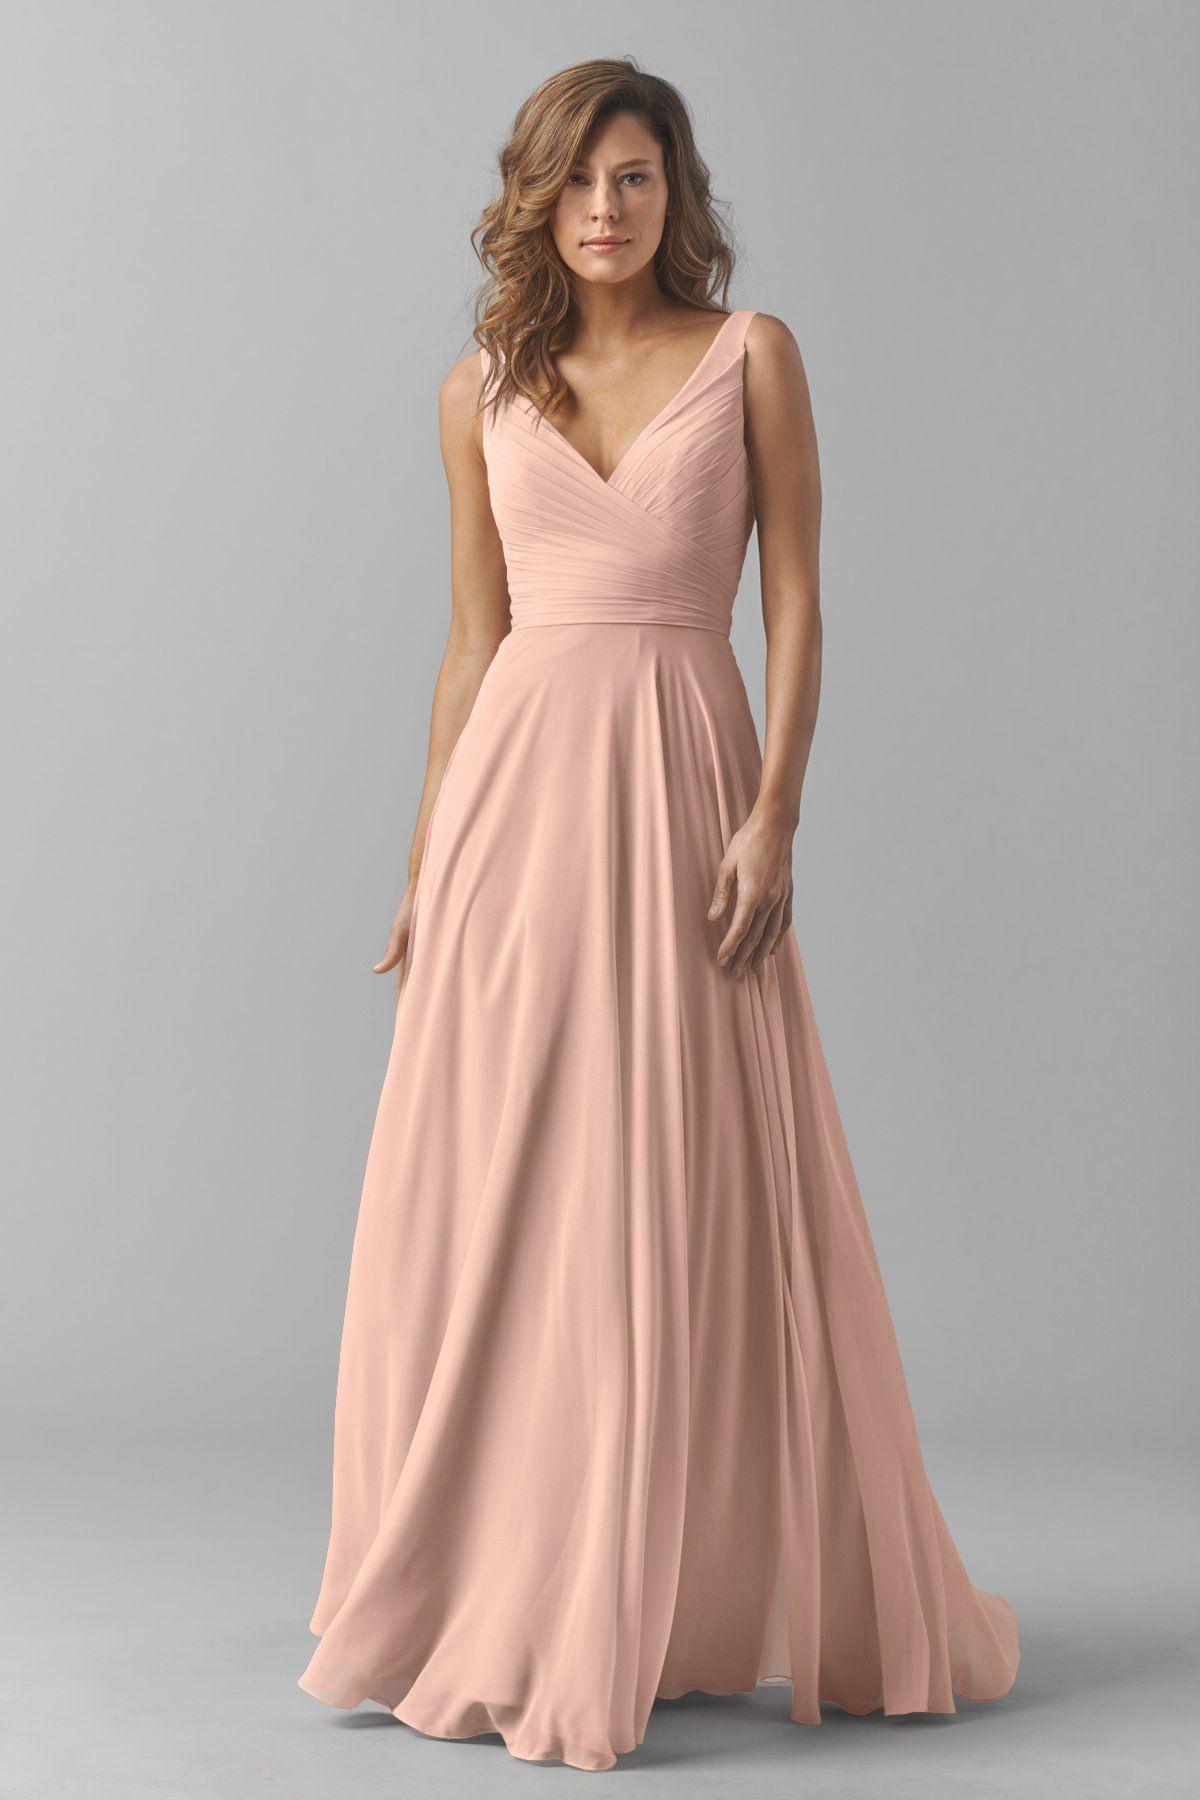 13 Genial Graue Kleider Für Hochzeit Ärmel15 Fantastisch Graue Kleider Für Hochzeit Bester Preis